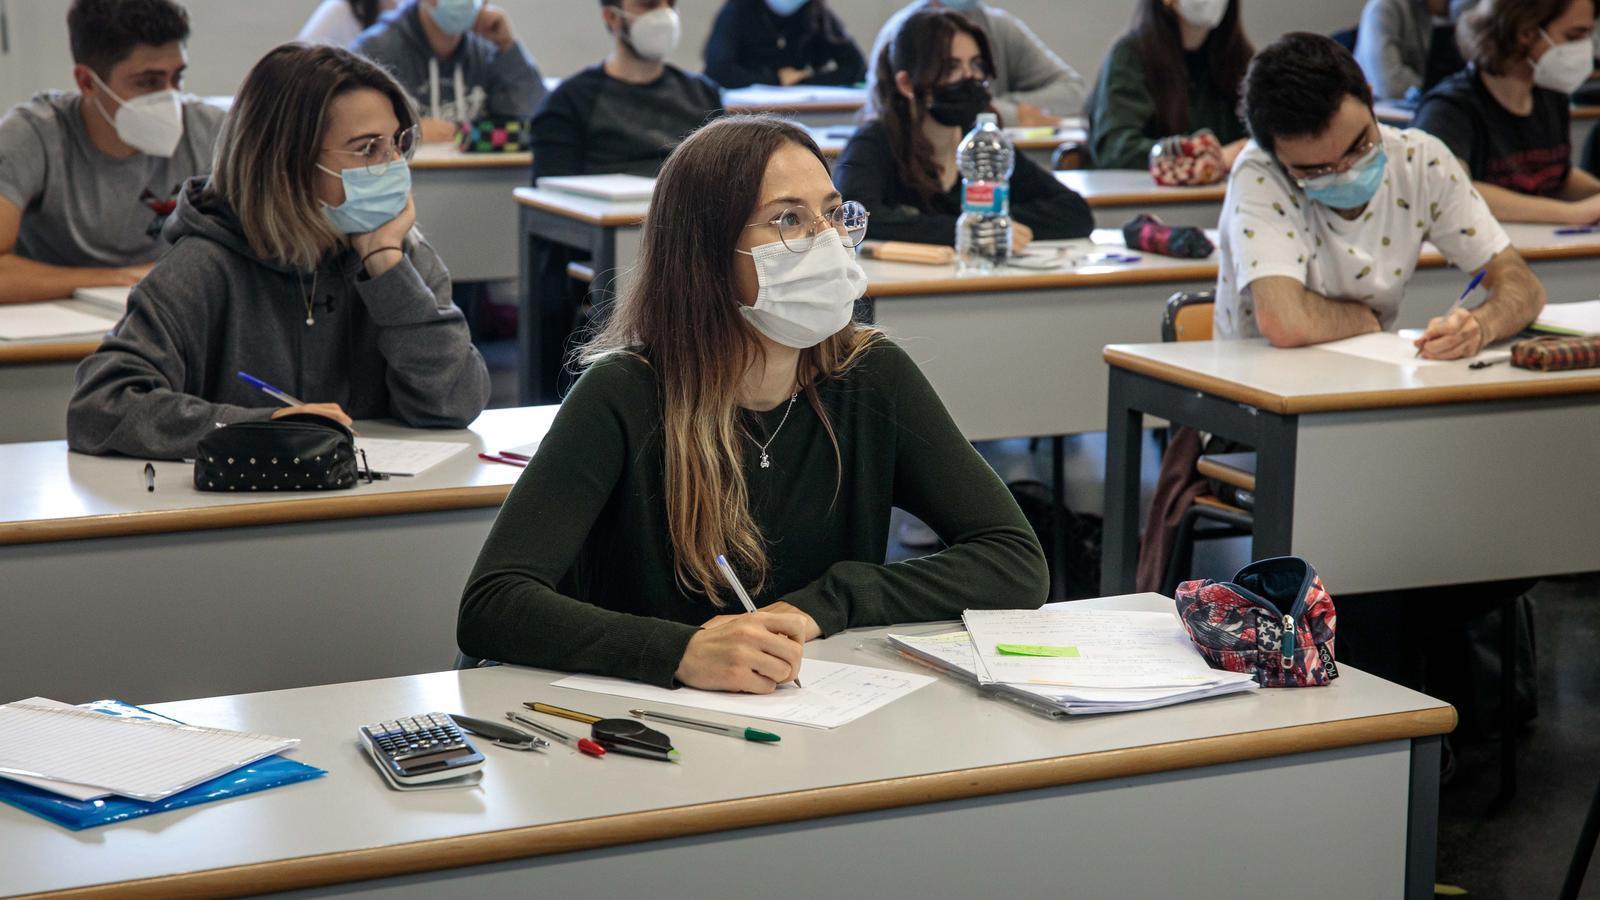 Alumnes de l'escola d'industrials de la Universitat Politècnica de València durant el retorn a les aules després de la suspensió de la docència presencial per un brot de coronavirus